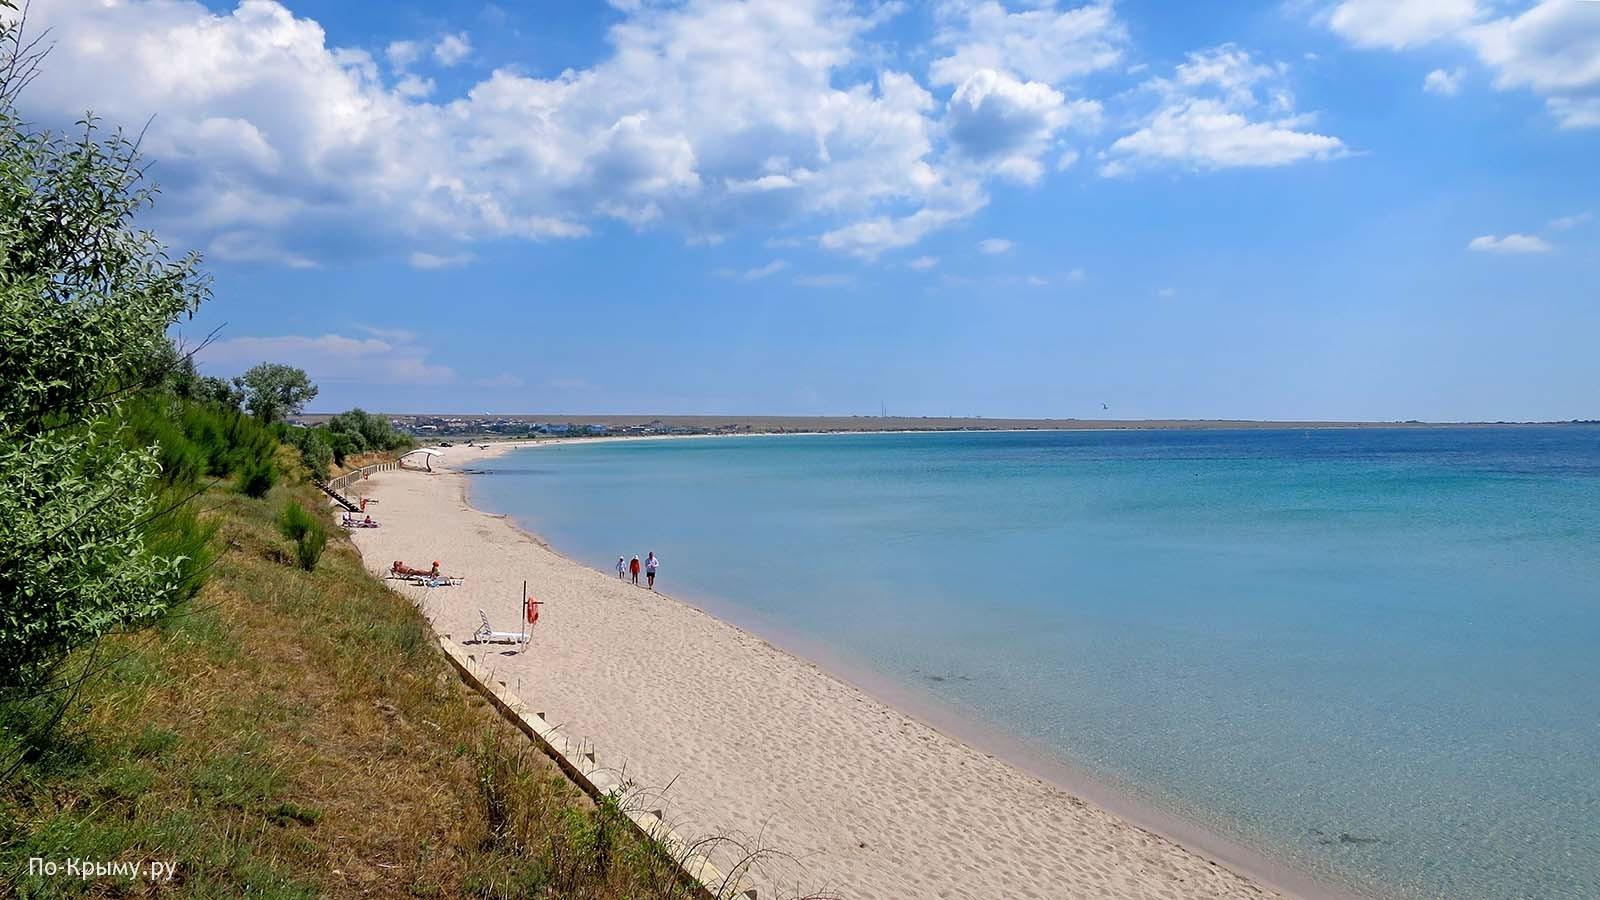 Пляж «Солнечной долины» - усадьбы Попова №ЧЕ-5